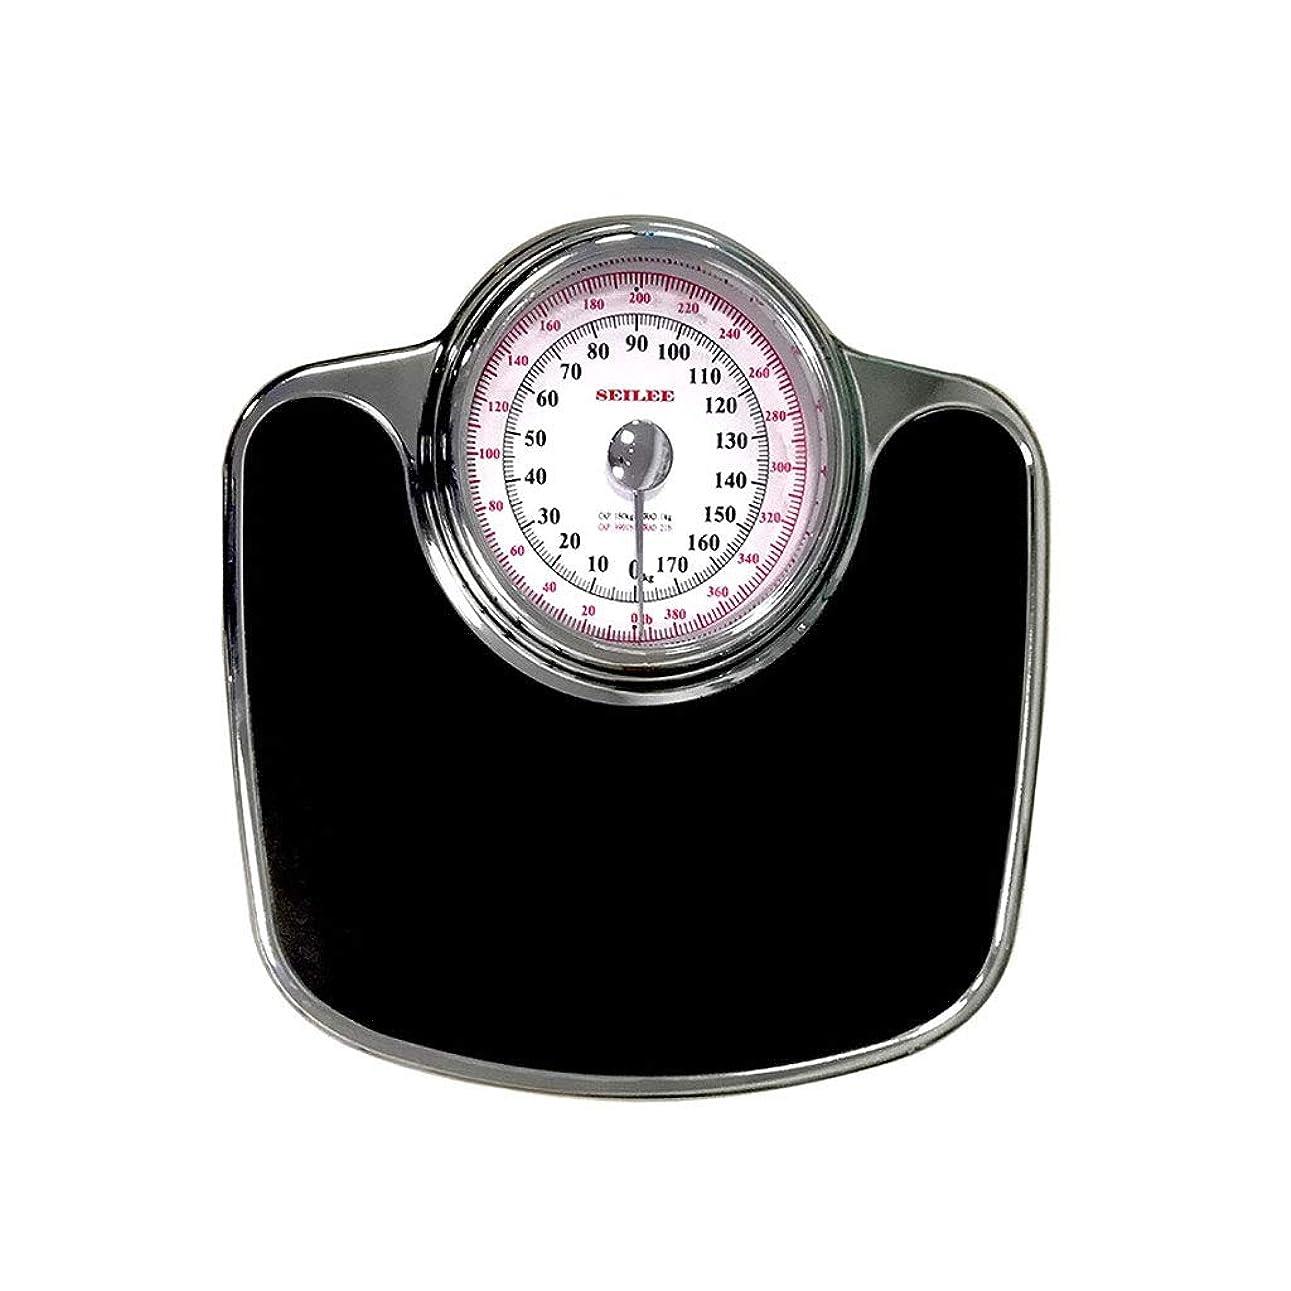 マーカー忠実なクリスチャン大型ダイヤルの体重計、機械式体重計 - レトロで正確な体重計、読みやすいアナログダイヤル、頑丈な金属製プラットフォーム、396ポンドの容量、ボタンや電池なし